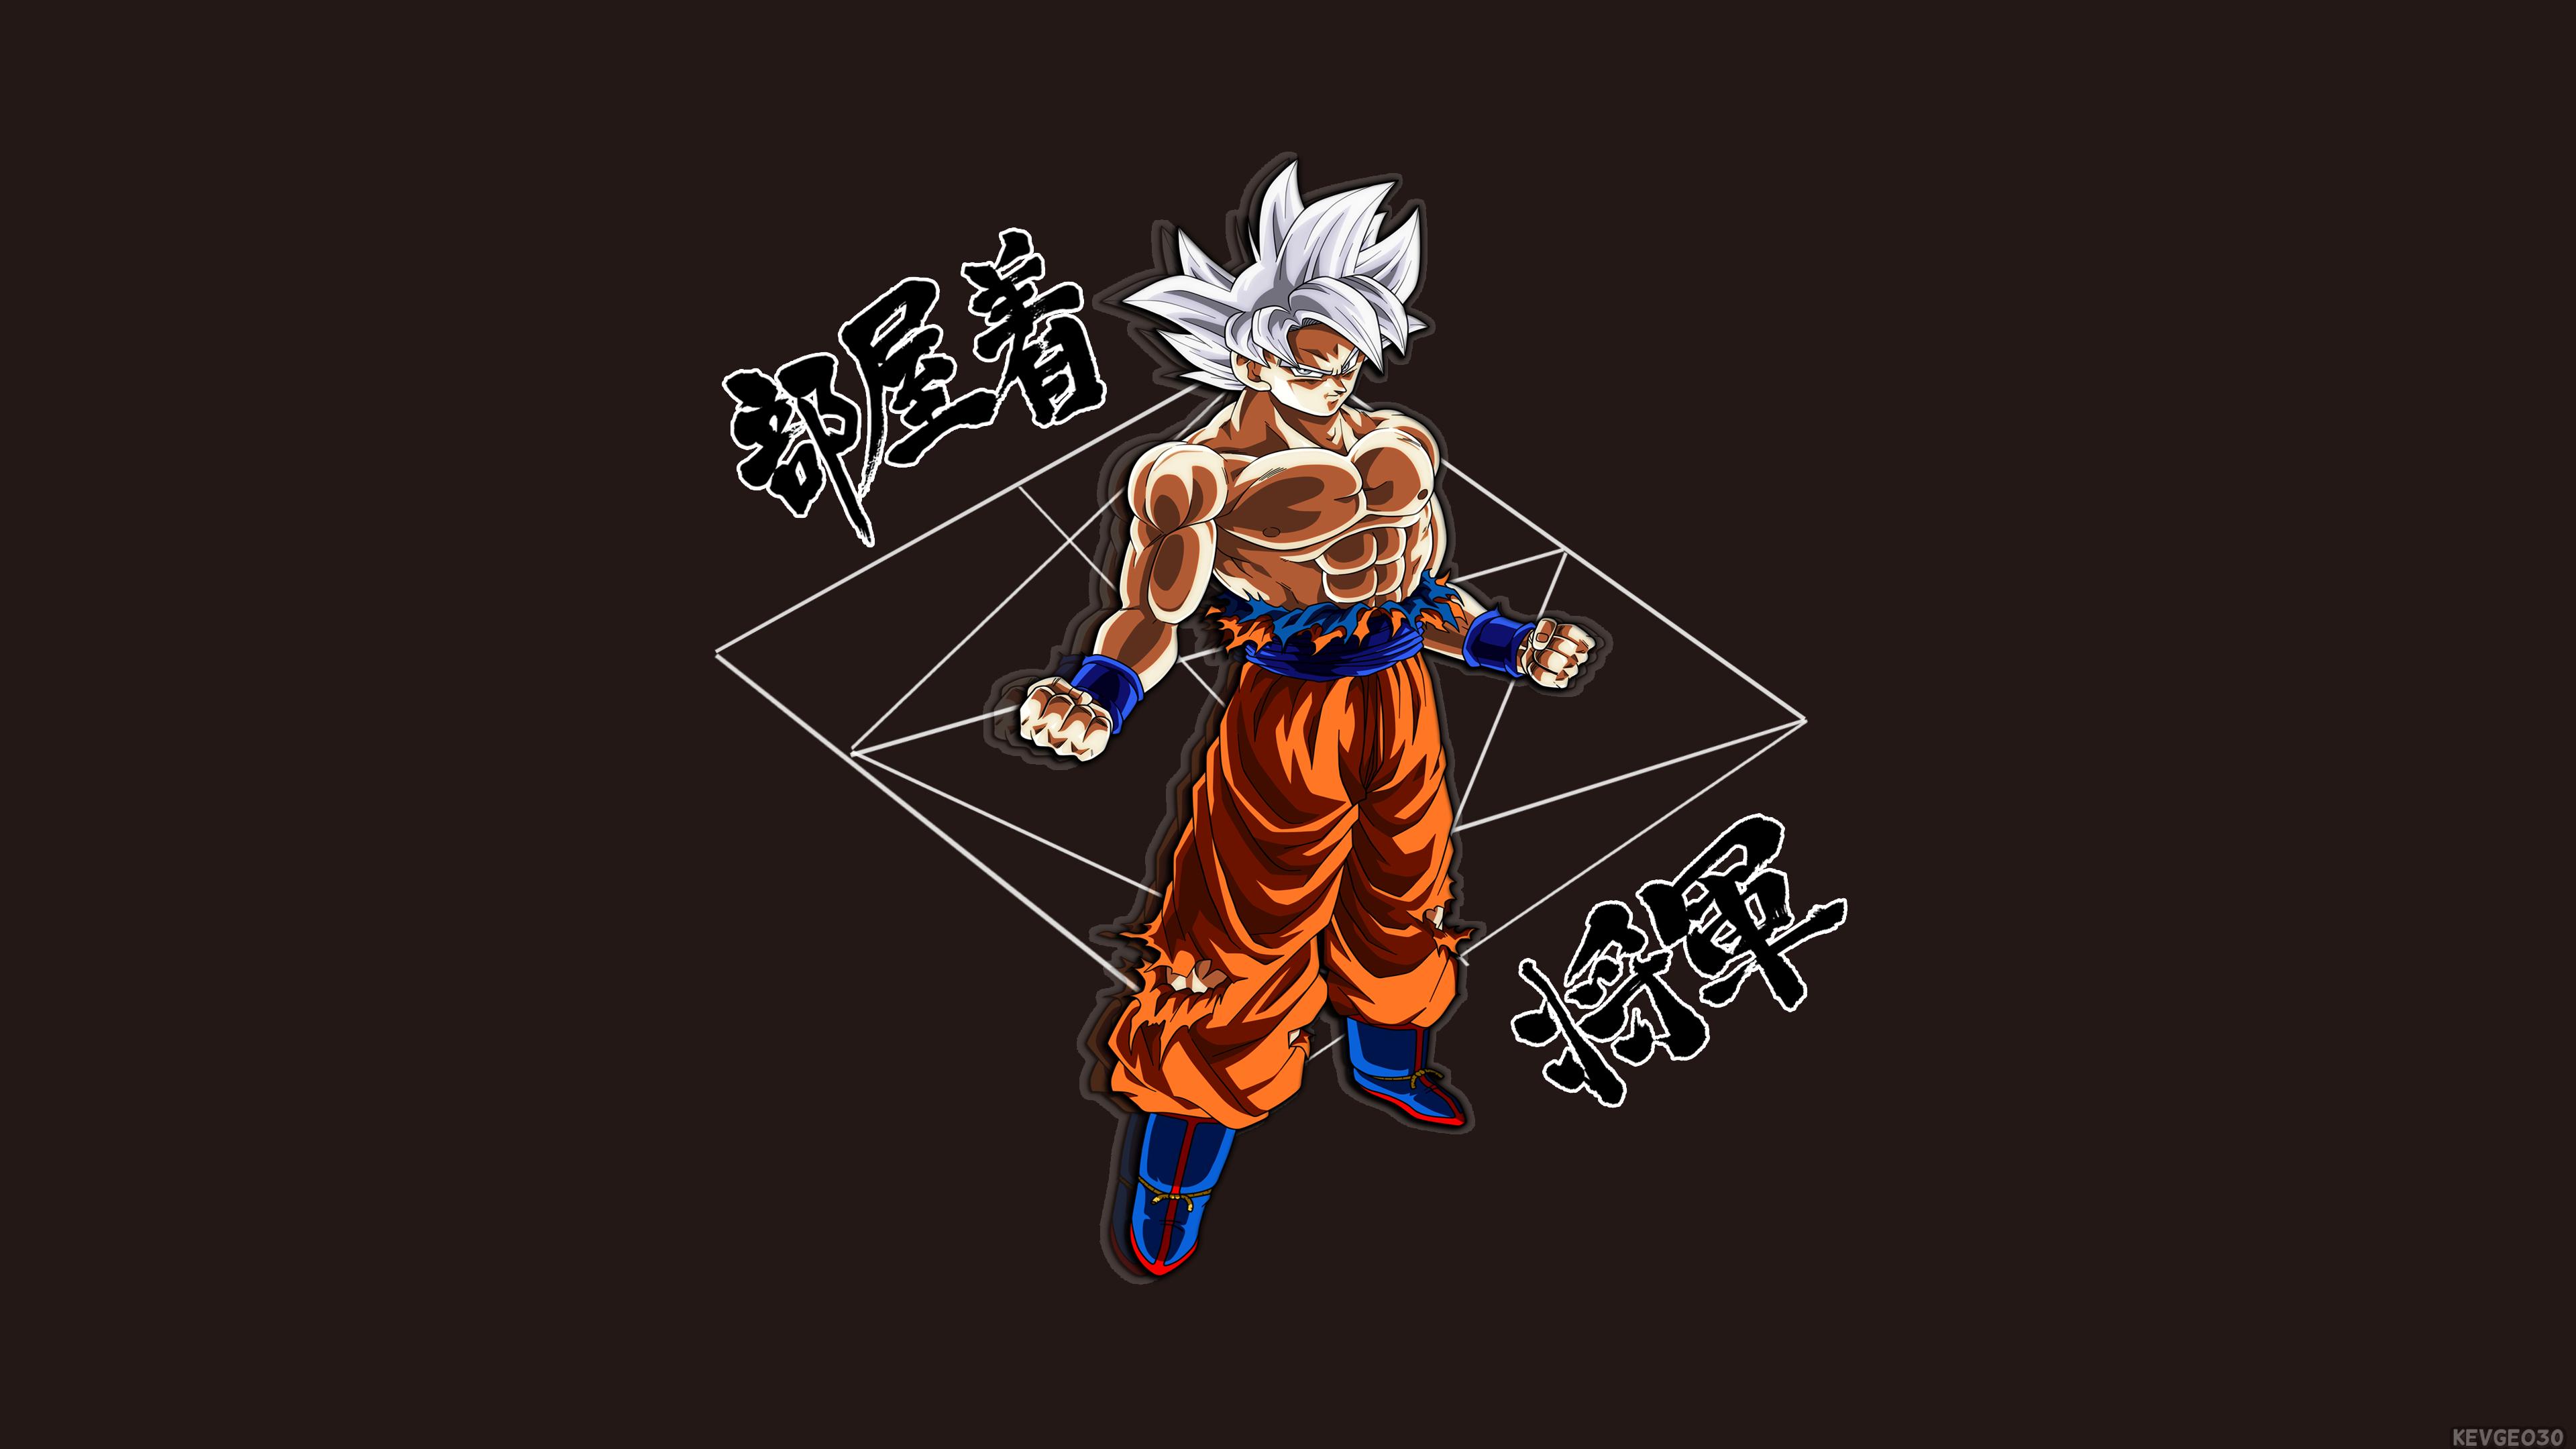 Goku Ultra Instinct Wallpaper 4k By Kevgeo30 By Kevinblazertm On